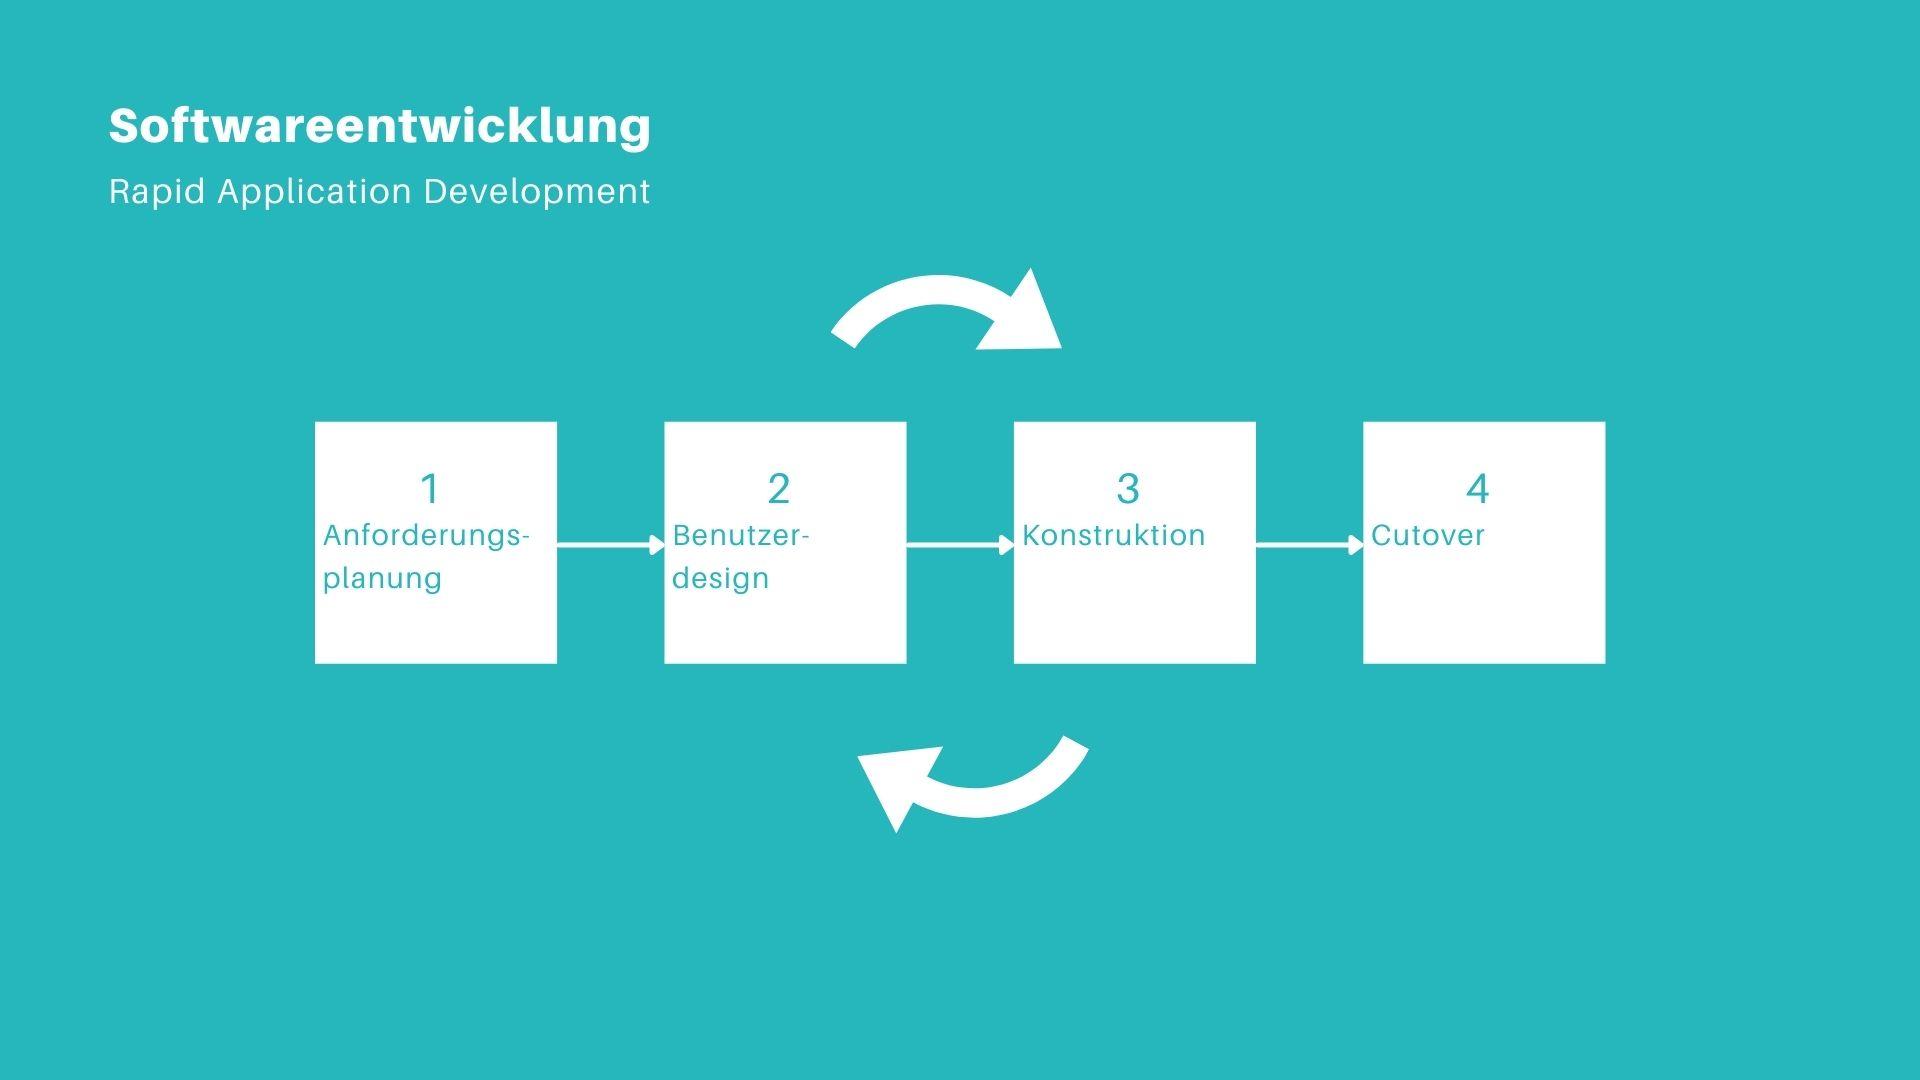 Entwicklung von Software: Rapid Application Development